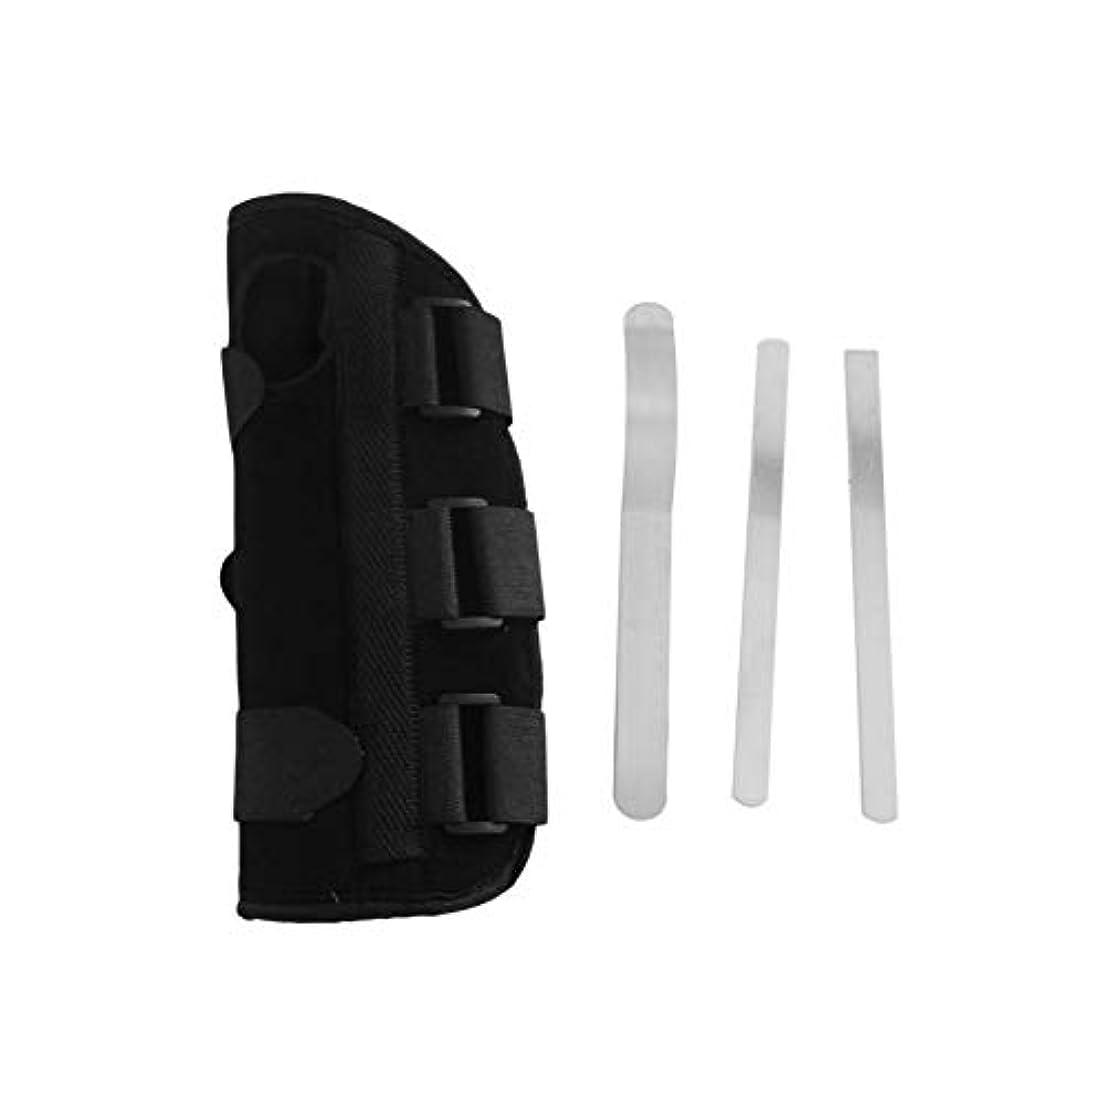 取り付けドリンク待つ手首副木ブレース保護サポートストラップカルペルトンネルCTS RSI痛み軽減取り外し可能な副木快適な軽量ストラップ - ブラックS